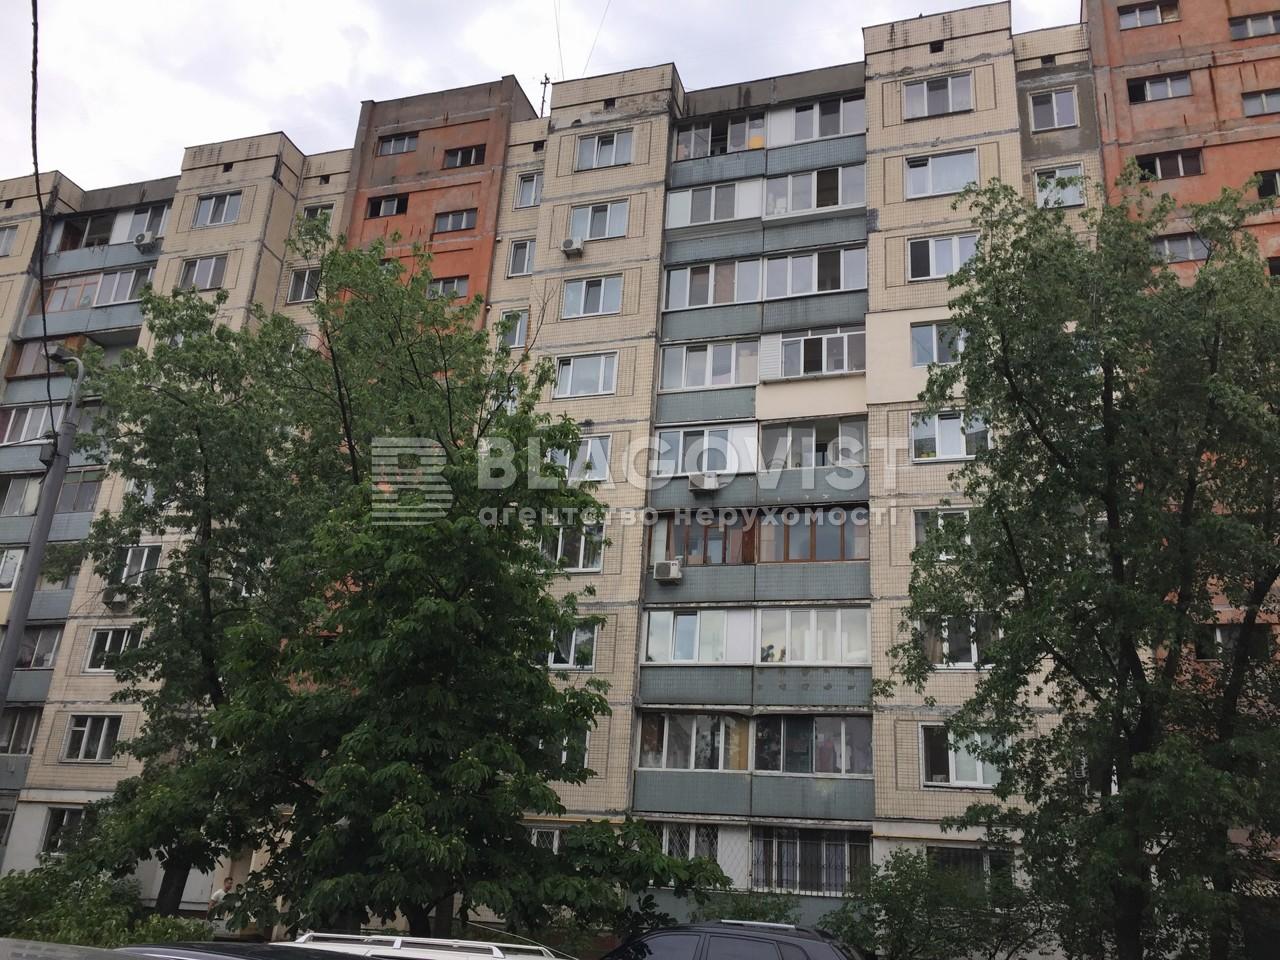 Квартира Z-793454, Никольско-Слободская, 4, Киев - Фото 1